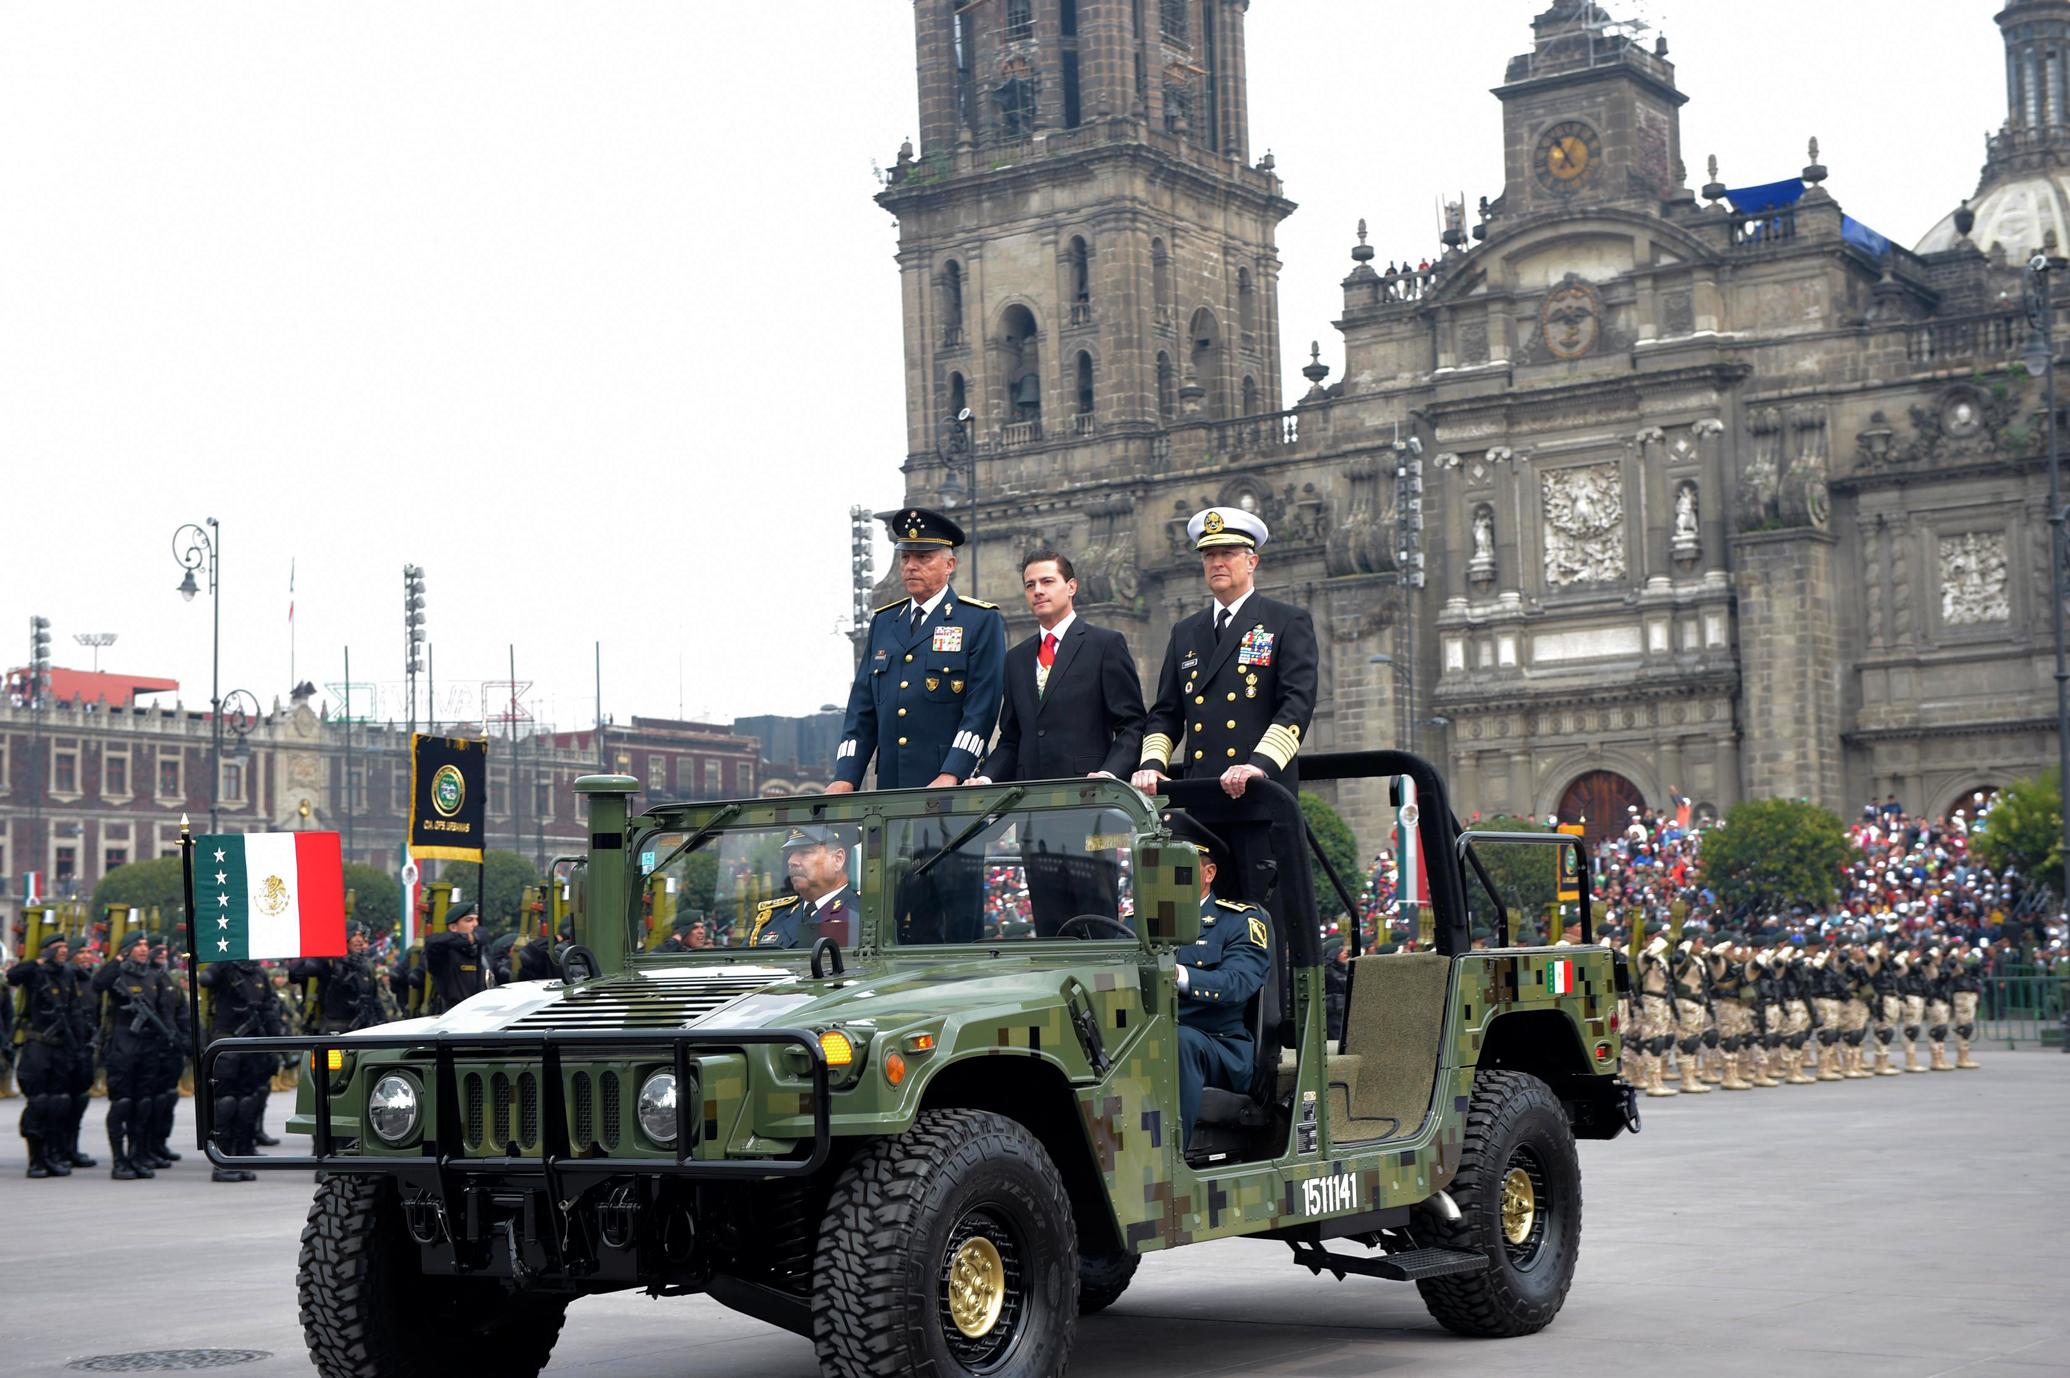 Las Fuerzas Armadas hicieron gala de su alto grado de adiestramiento y equipamiento, y ratificaron su compromiso de lealtad a la Patria y a su Comandante Supremo, el Presidente de la República.